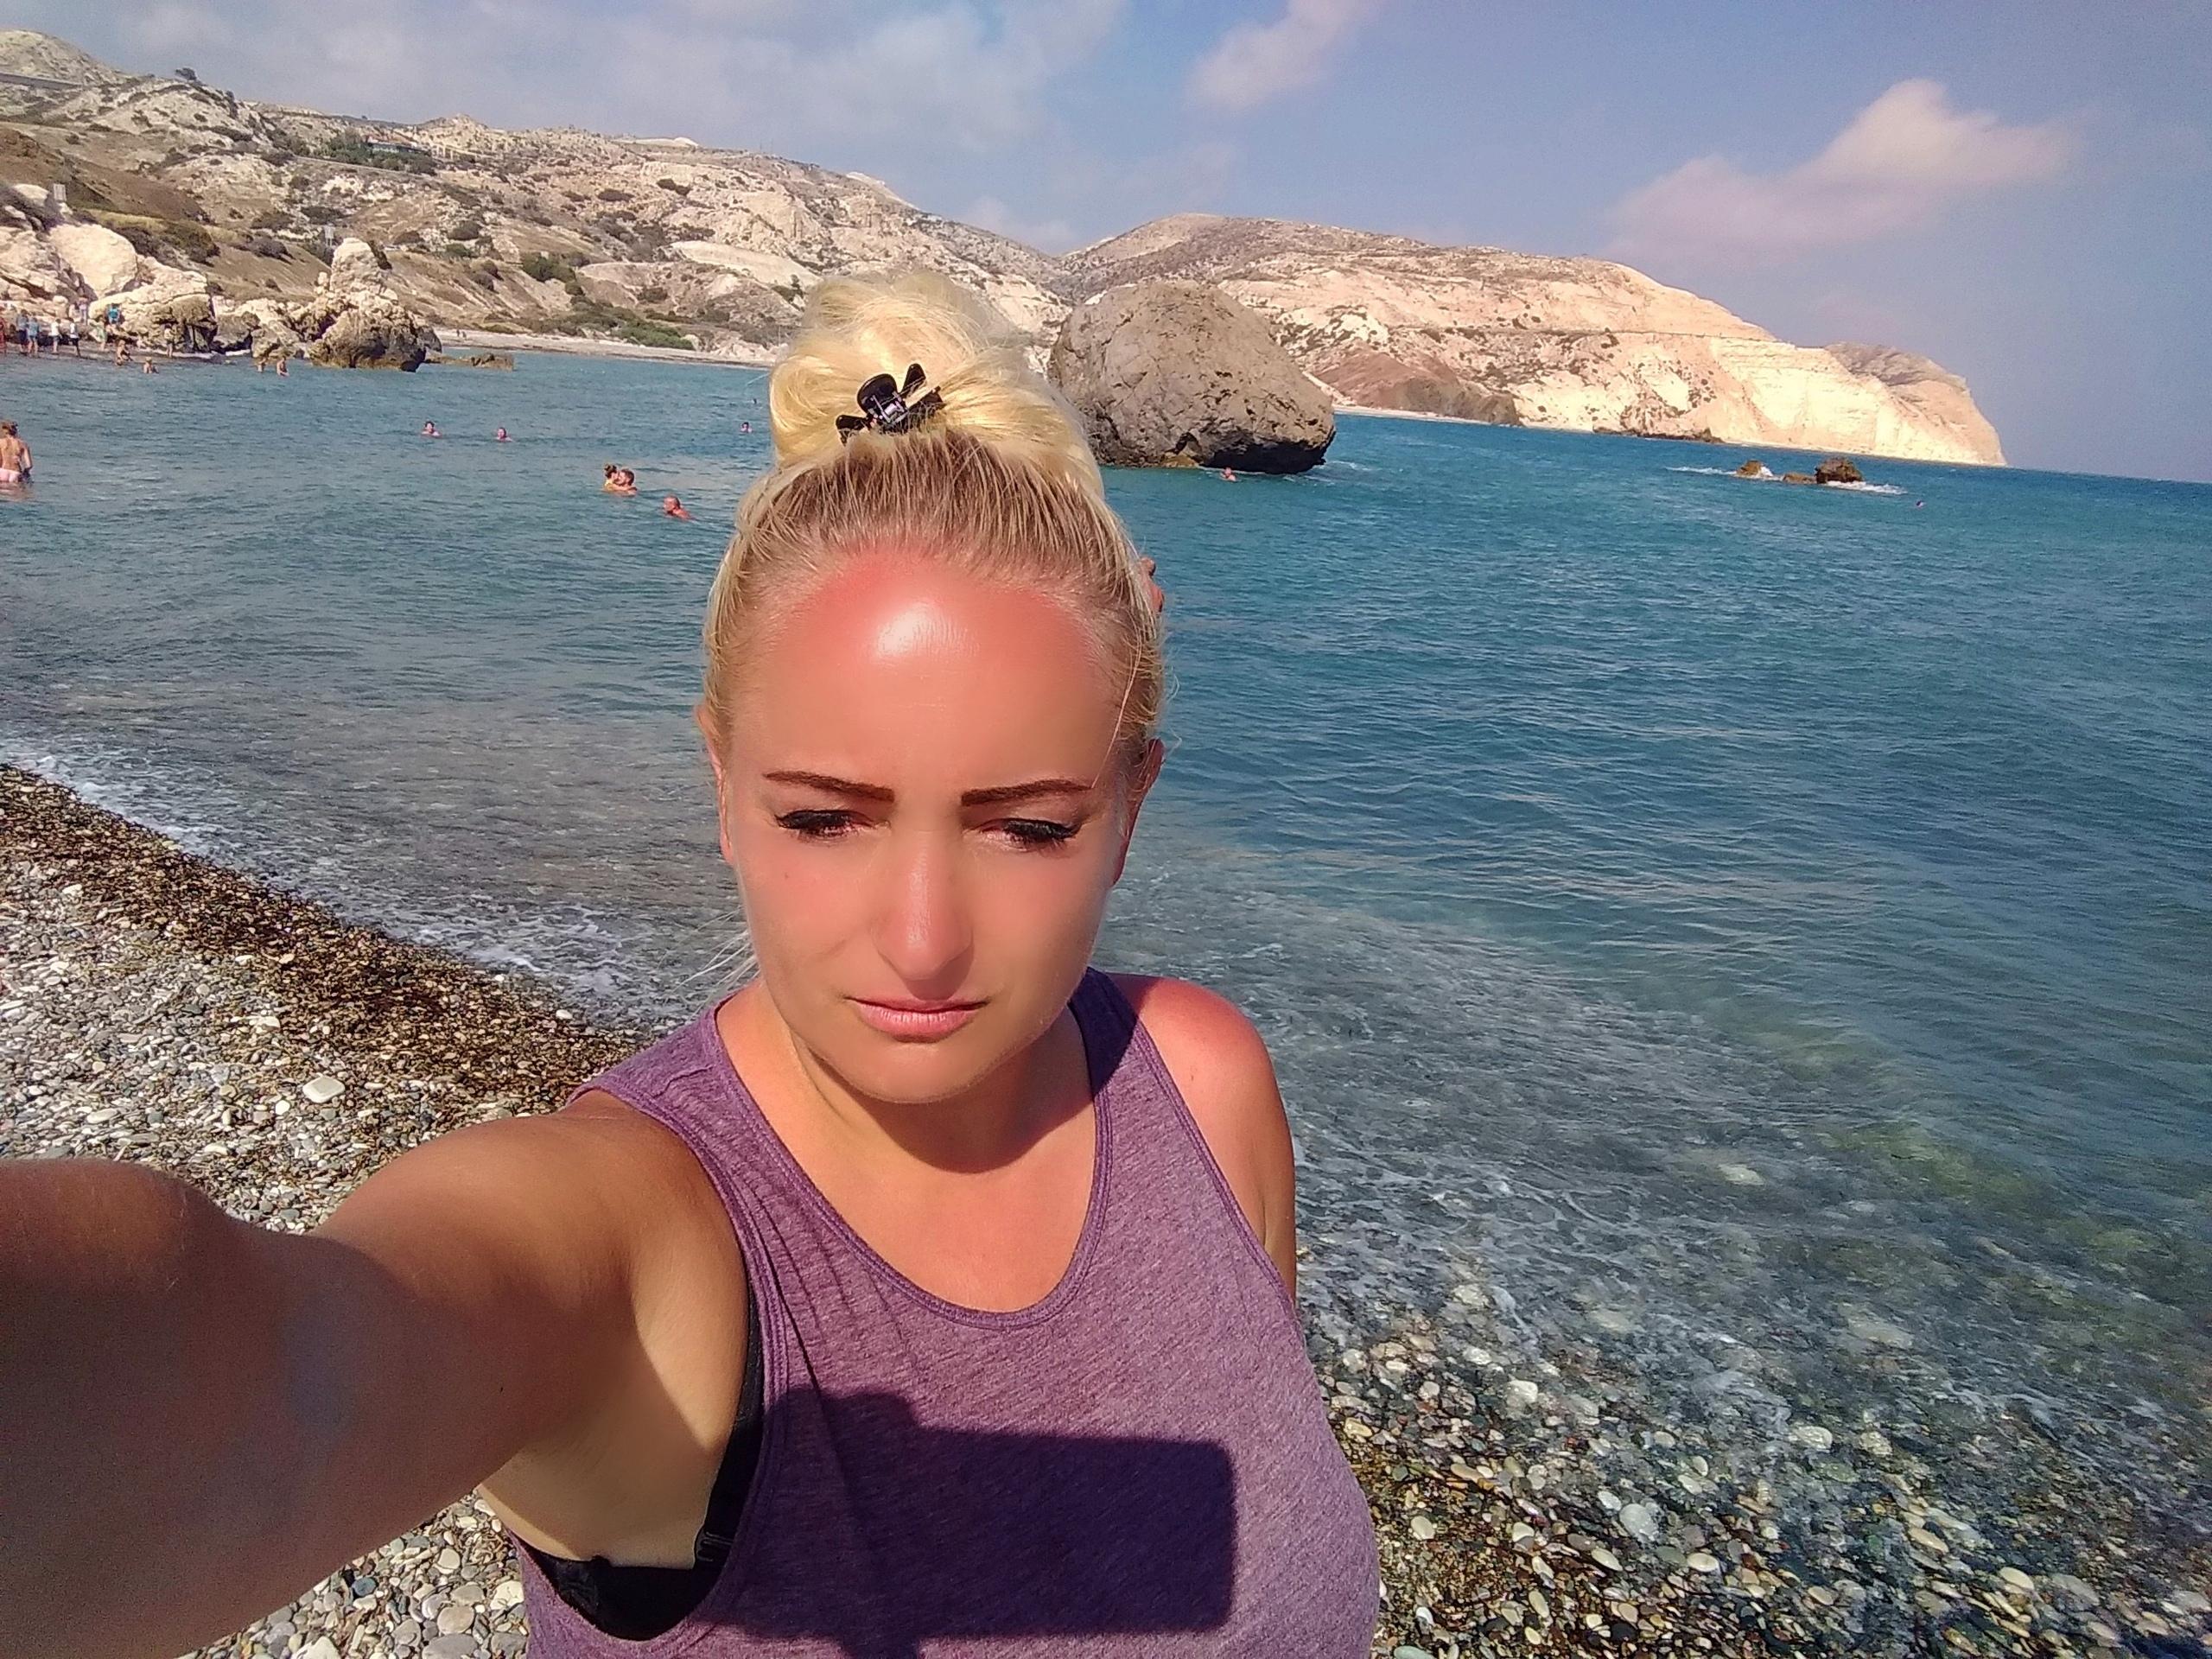 никосия - Елена Руденко. Мои путешествия (фото/видео) - Страница 4 IkRzbYA4xdQ